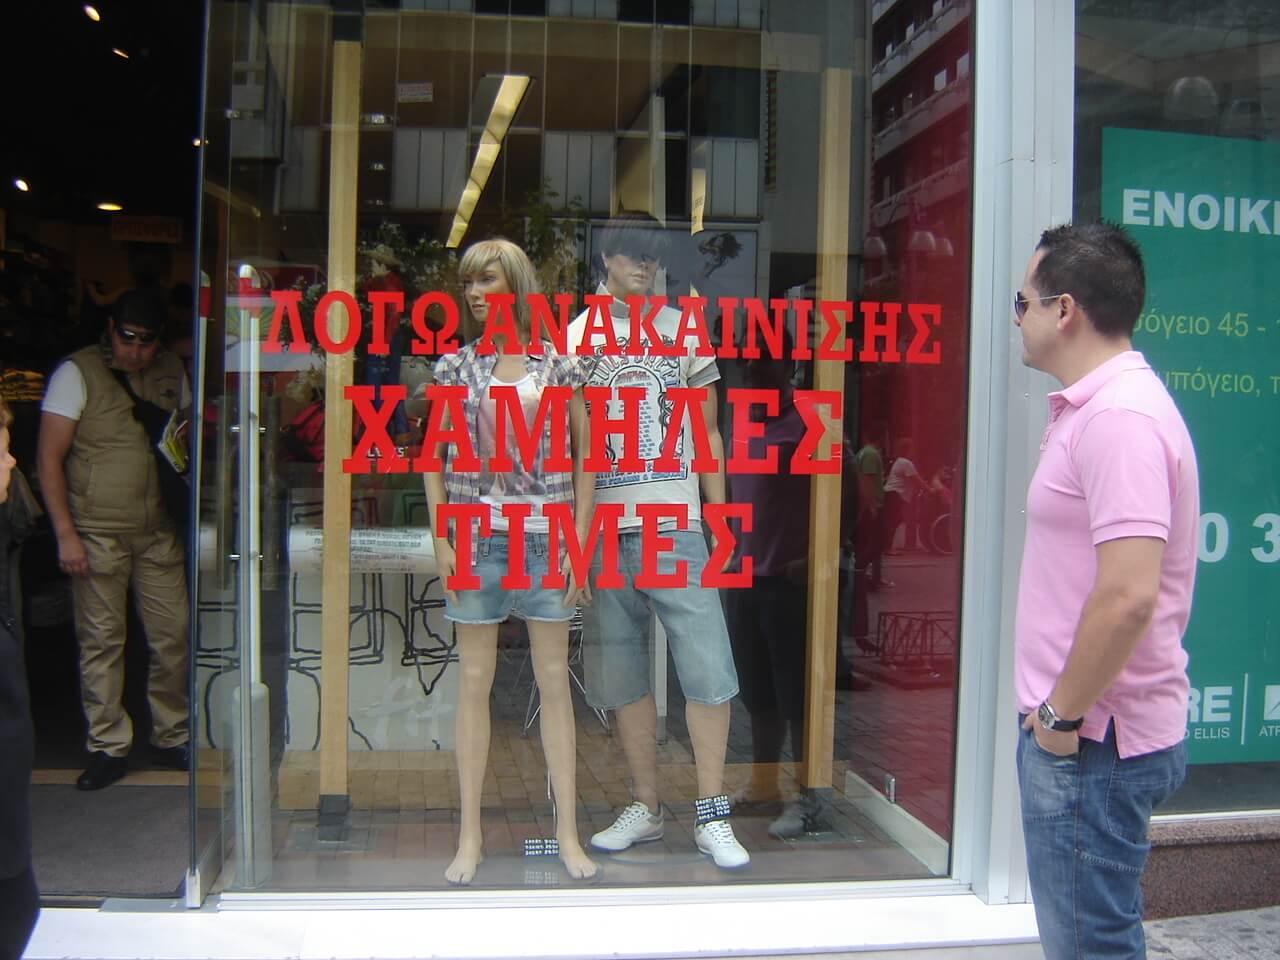 Loja em Atenas